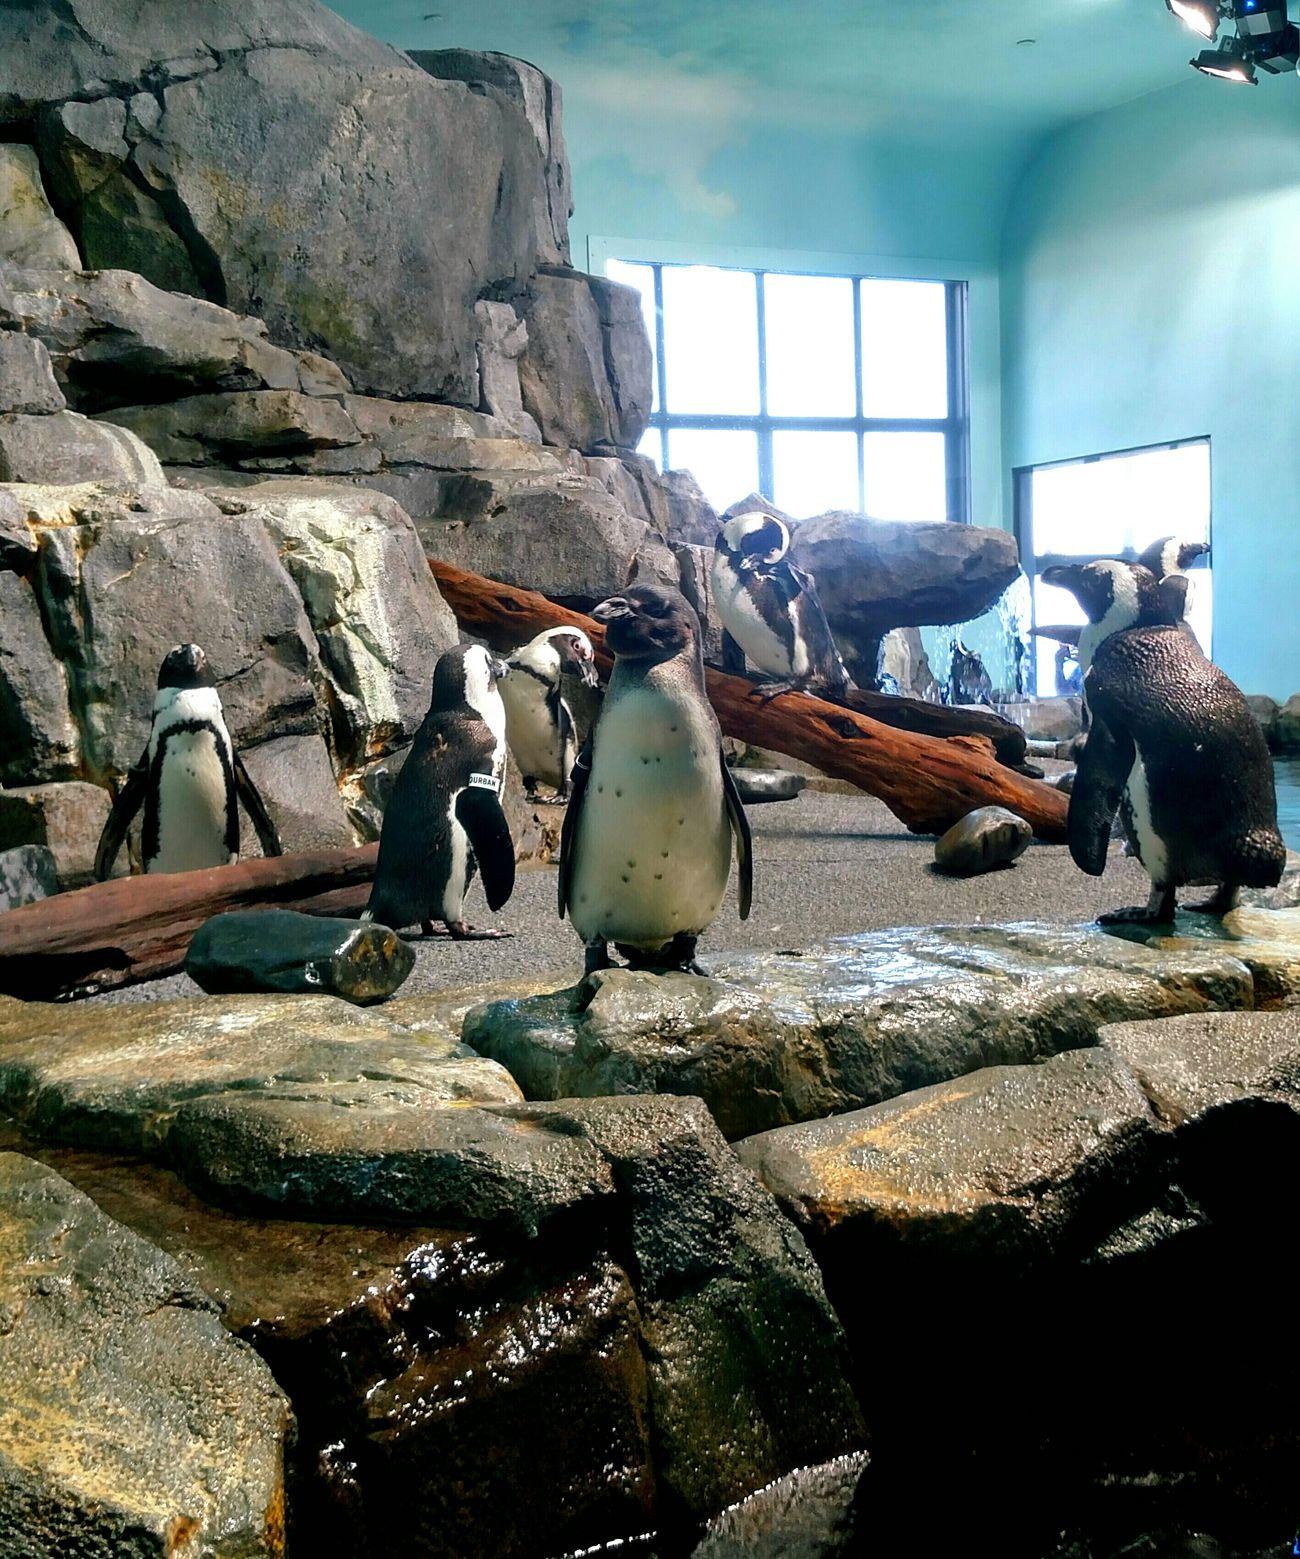 Monterey Bay Aquarium Penguin LIFEMATES 🐧🐧 Penguins Check This Out Aquarium Life Chilling Staringcontest